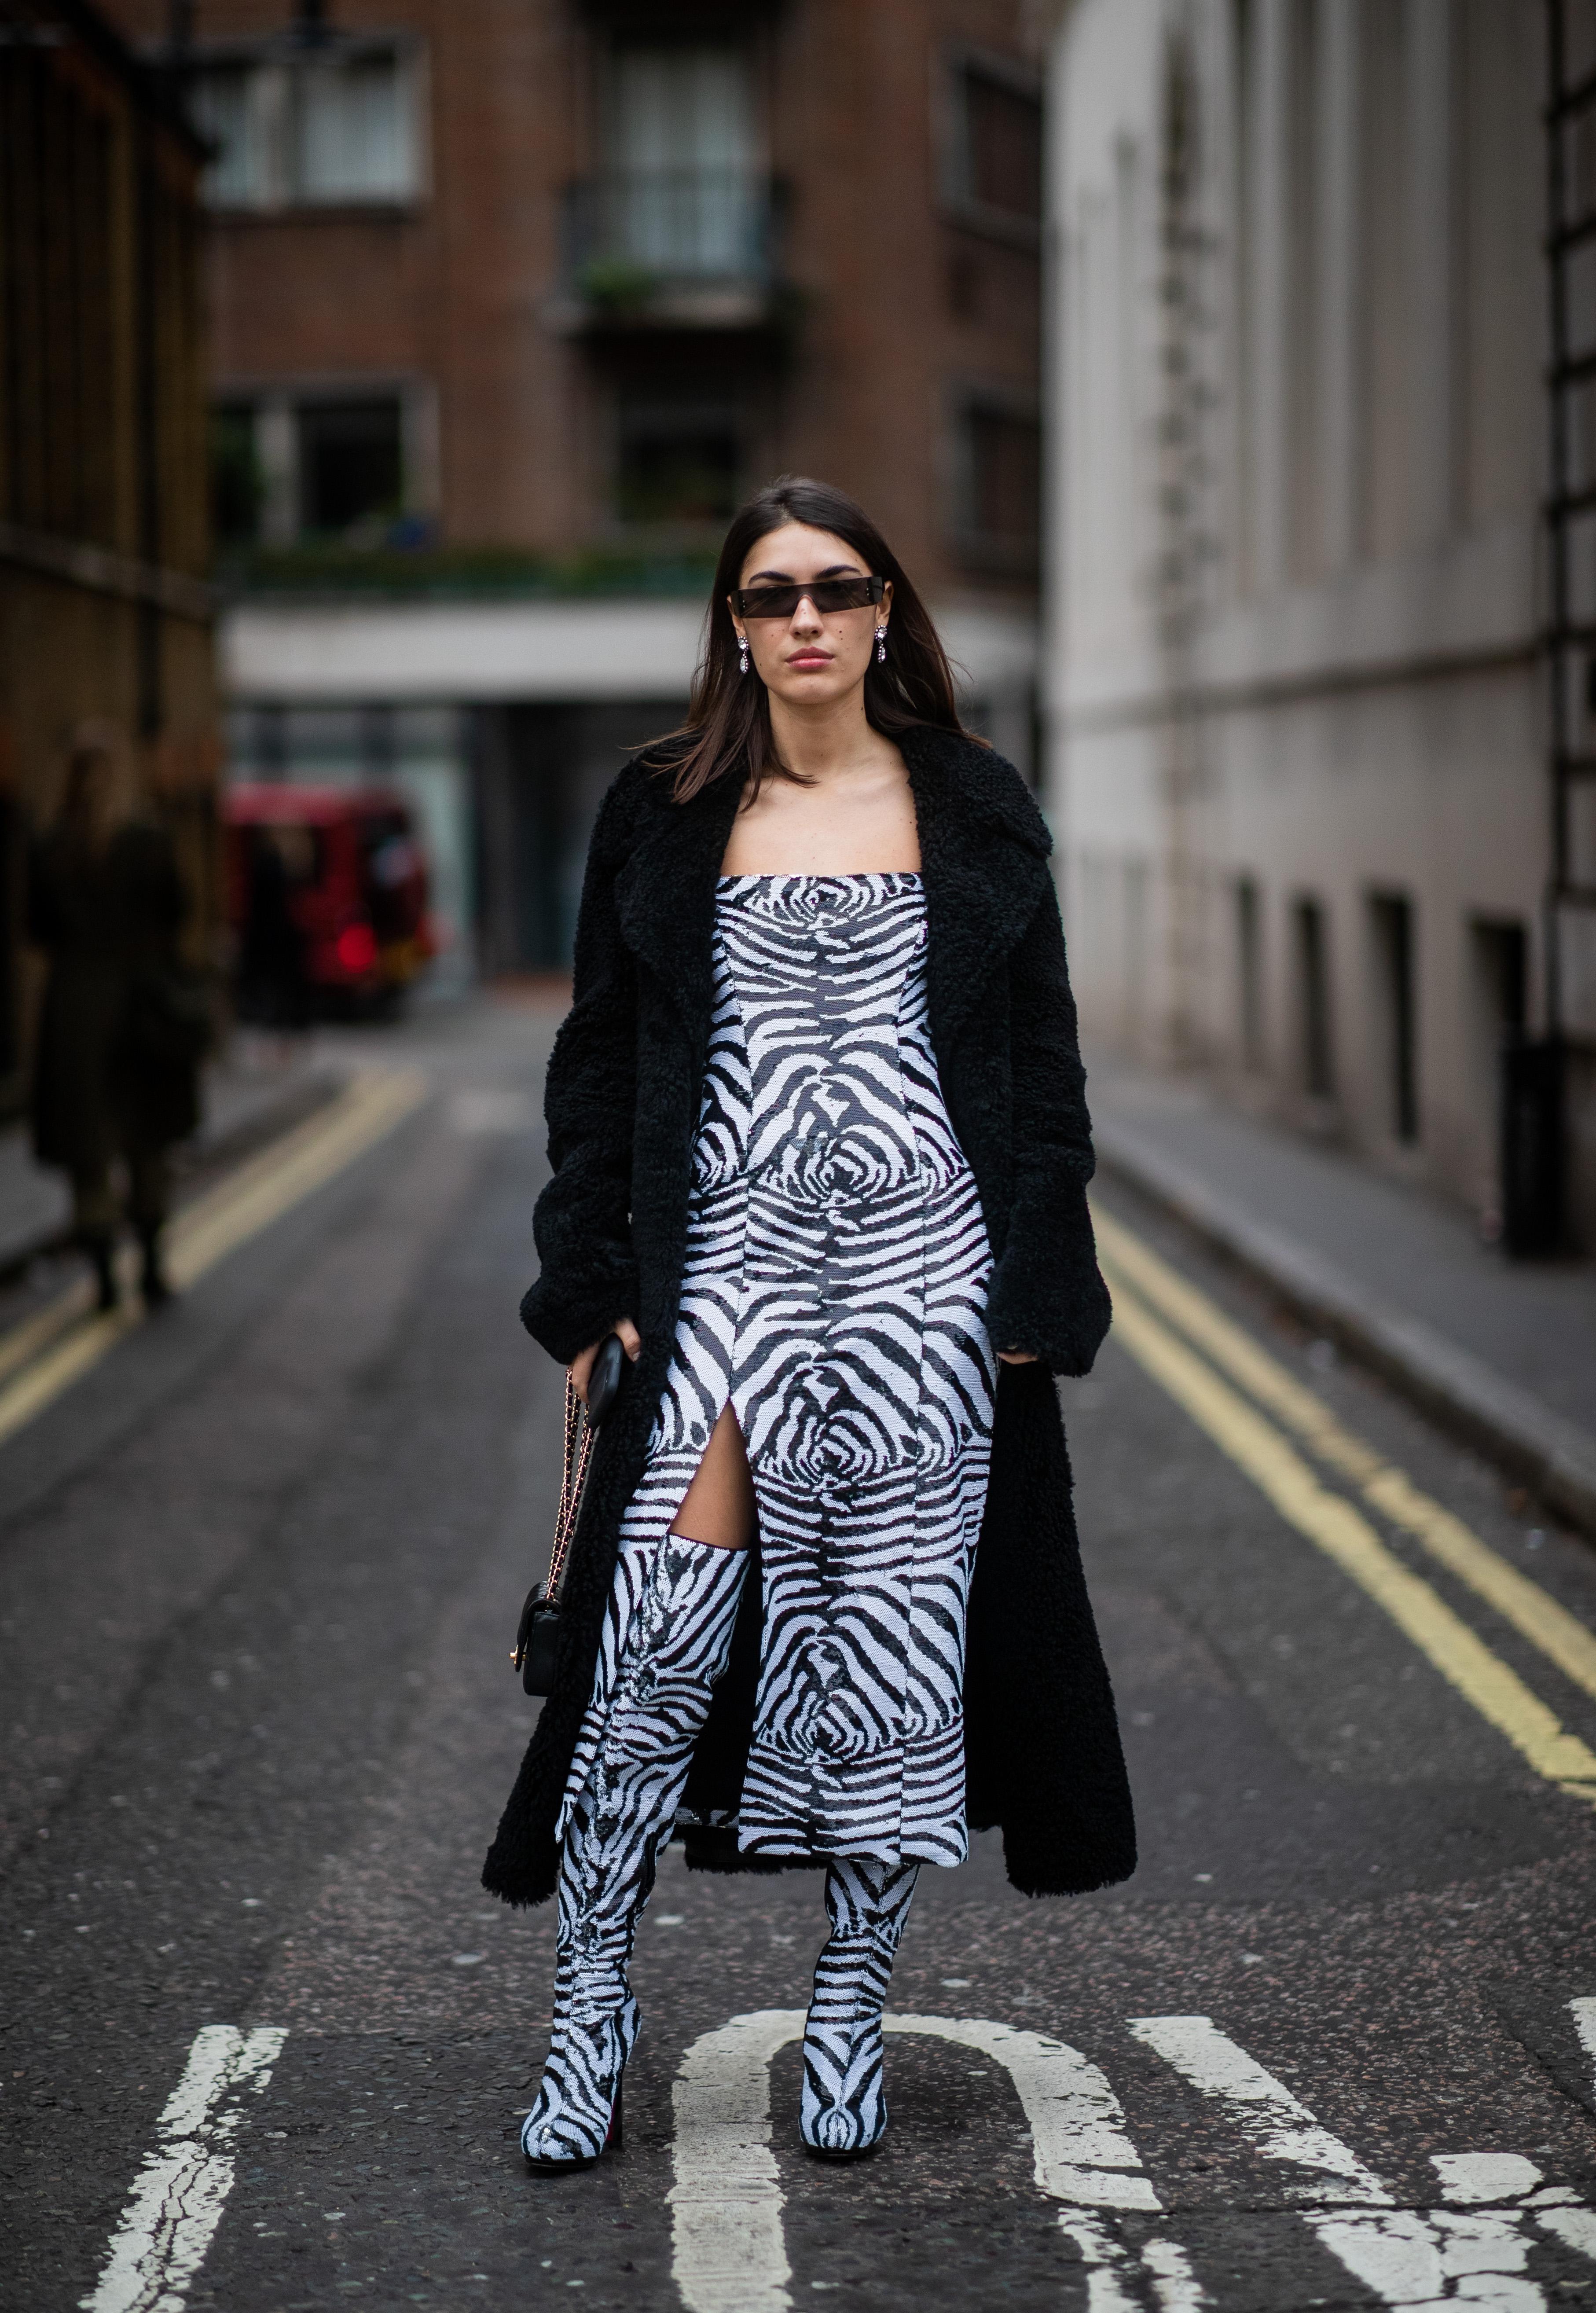 大胆なスリット入りのゼブラ柄ドレスに、セイム柄のロングブーツのコーディネイトはインパクト抜群! その他はブラックでまとめてモードなエッセンスも忘れずに。サイバーチックなスクエアのサングラスも効果的。